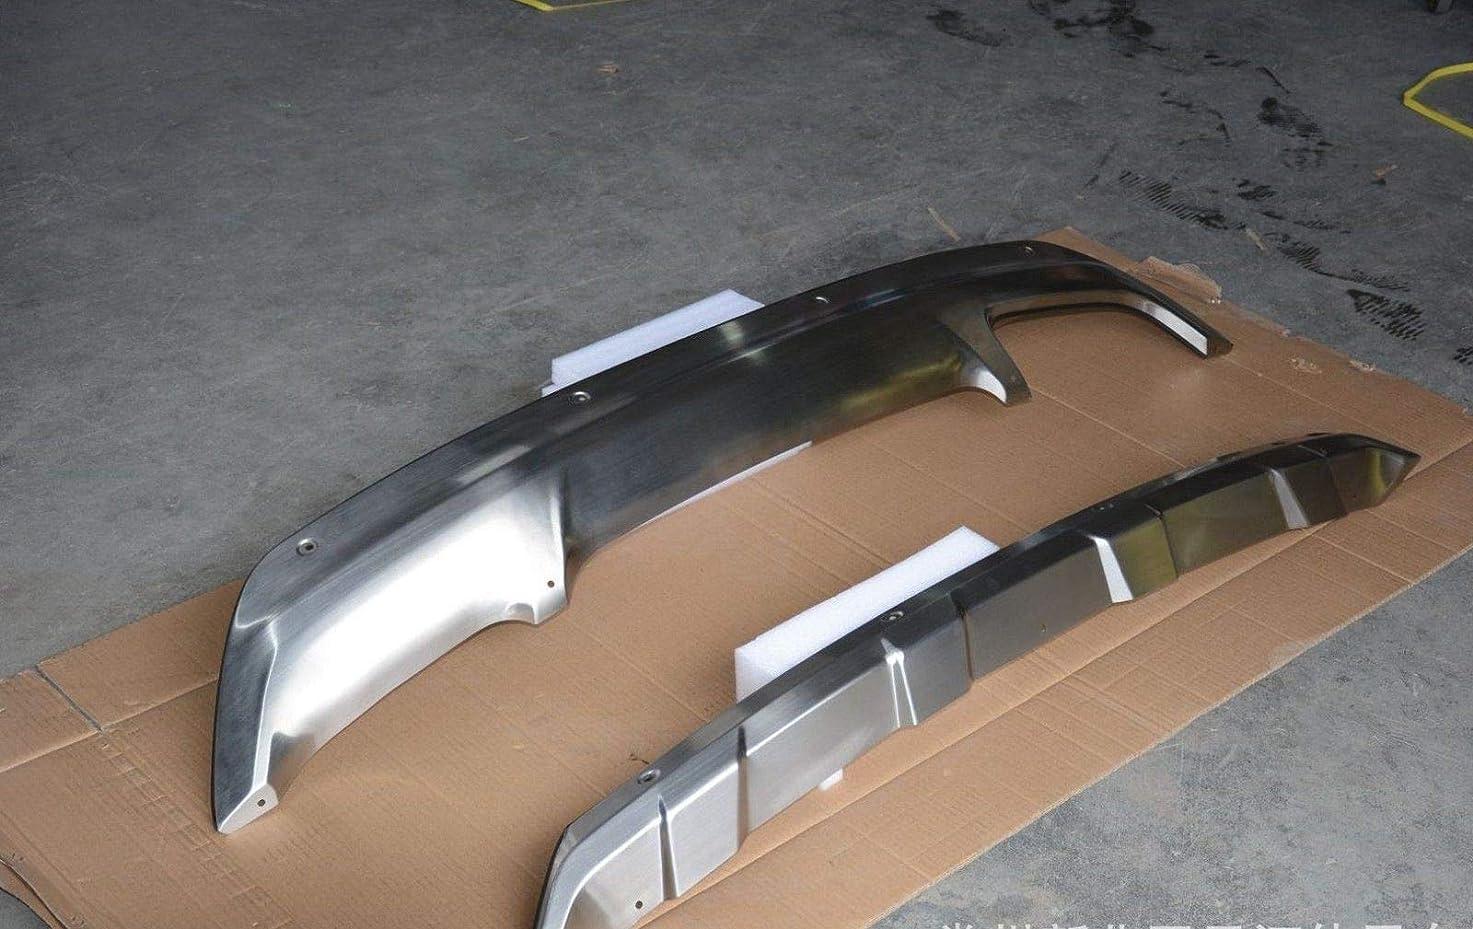 行列ヘッドレス類似性FidgetGear ヒュンダイTUCSON 2016 2017 2018 18バンパーガードスキッドプレート用2Pステンレス鋼